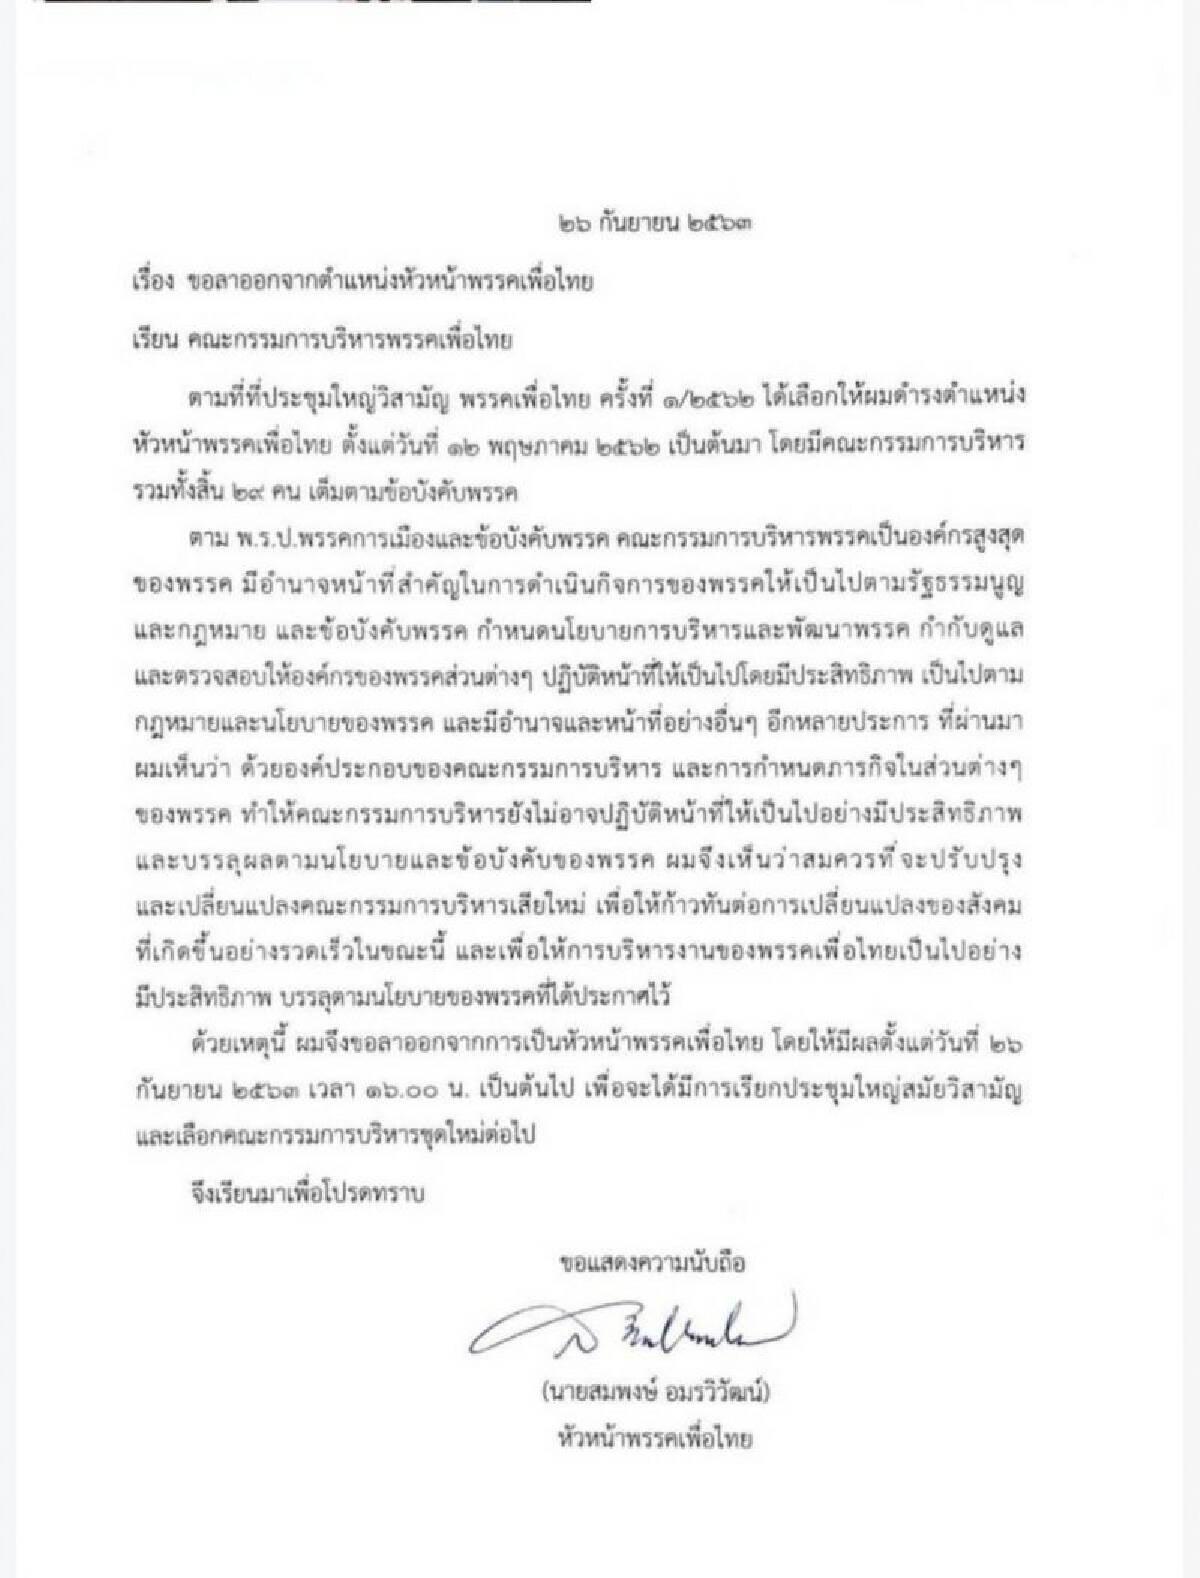 """ด่วน """"สมพงษ์ อมรวิวัฒน์"""" เซ็นลาออกหัวหน้าพรรคเพื่อไทย"""